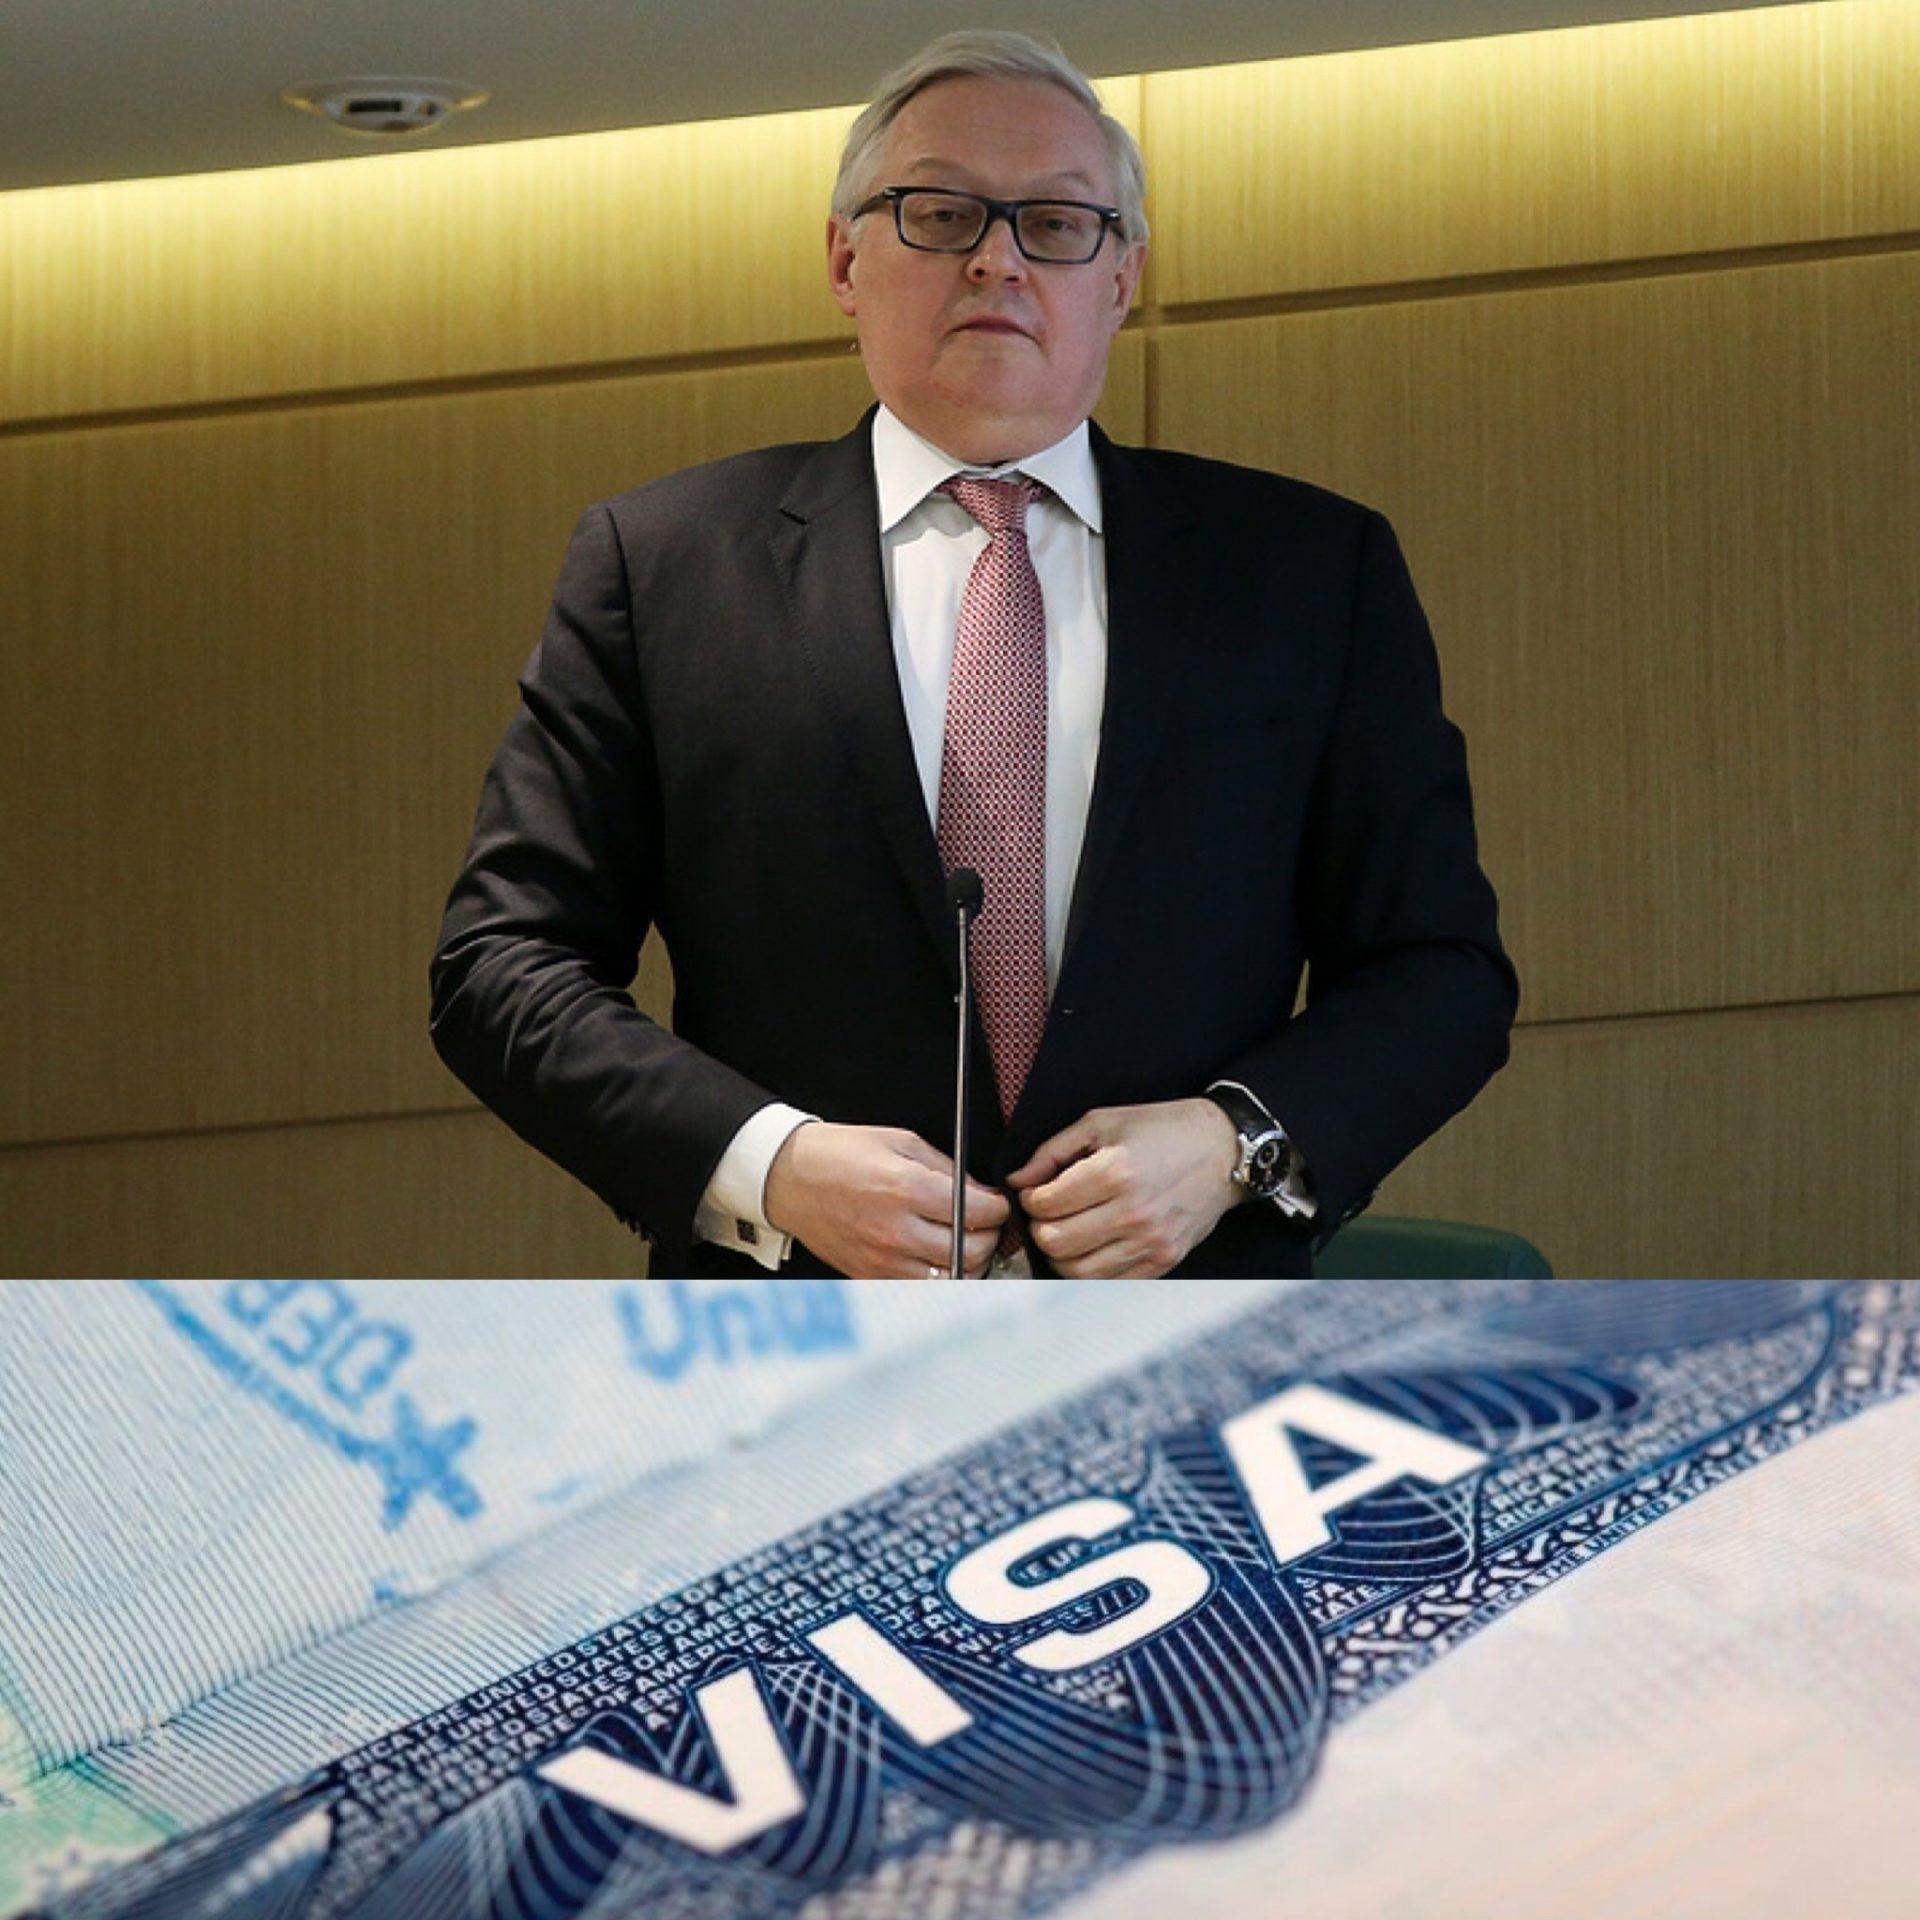 Рябков считает, что в ситуации с визами США принесли в жертву идею свободы